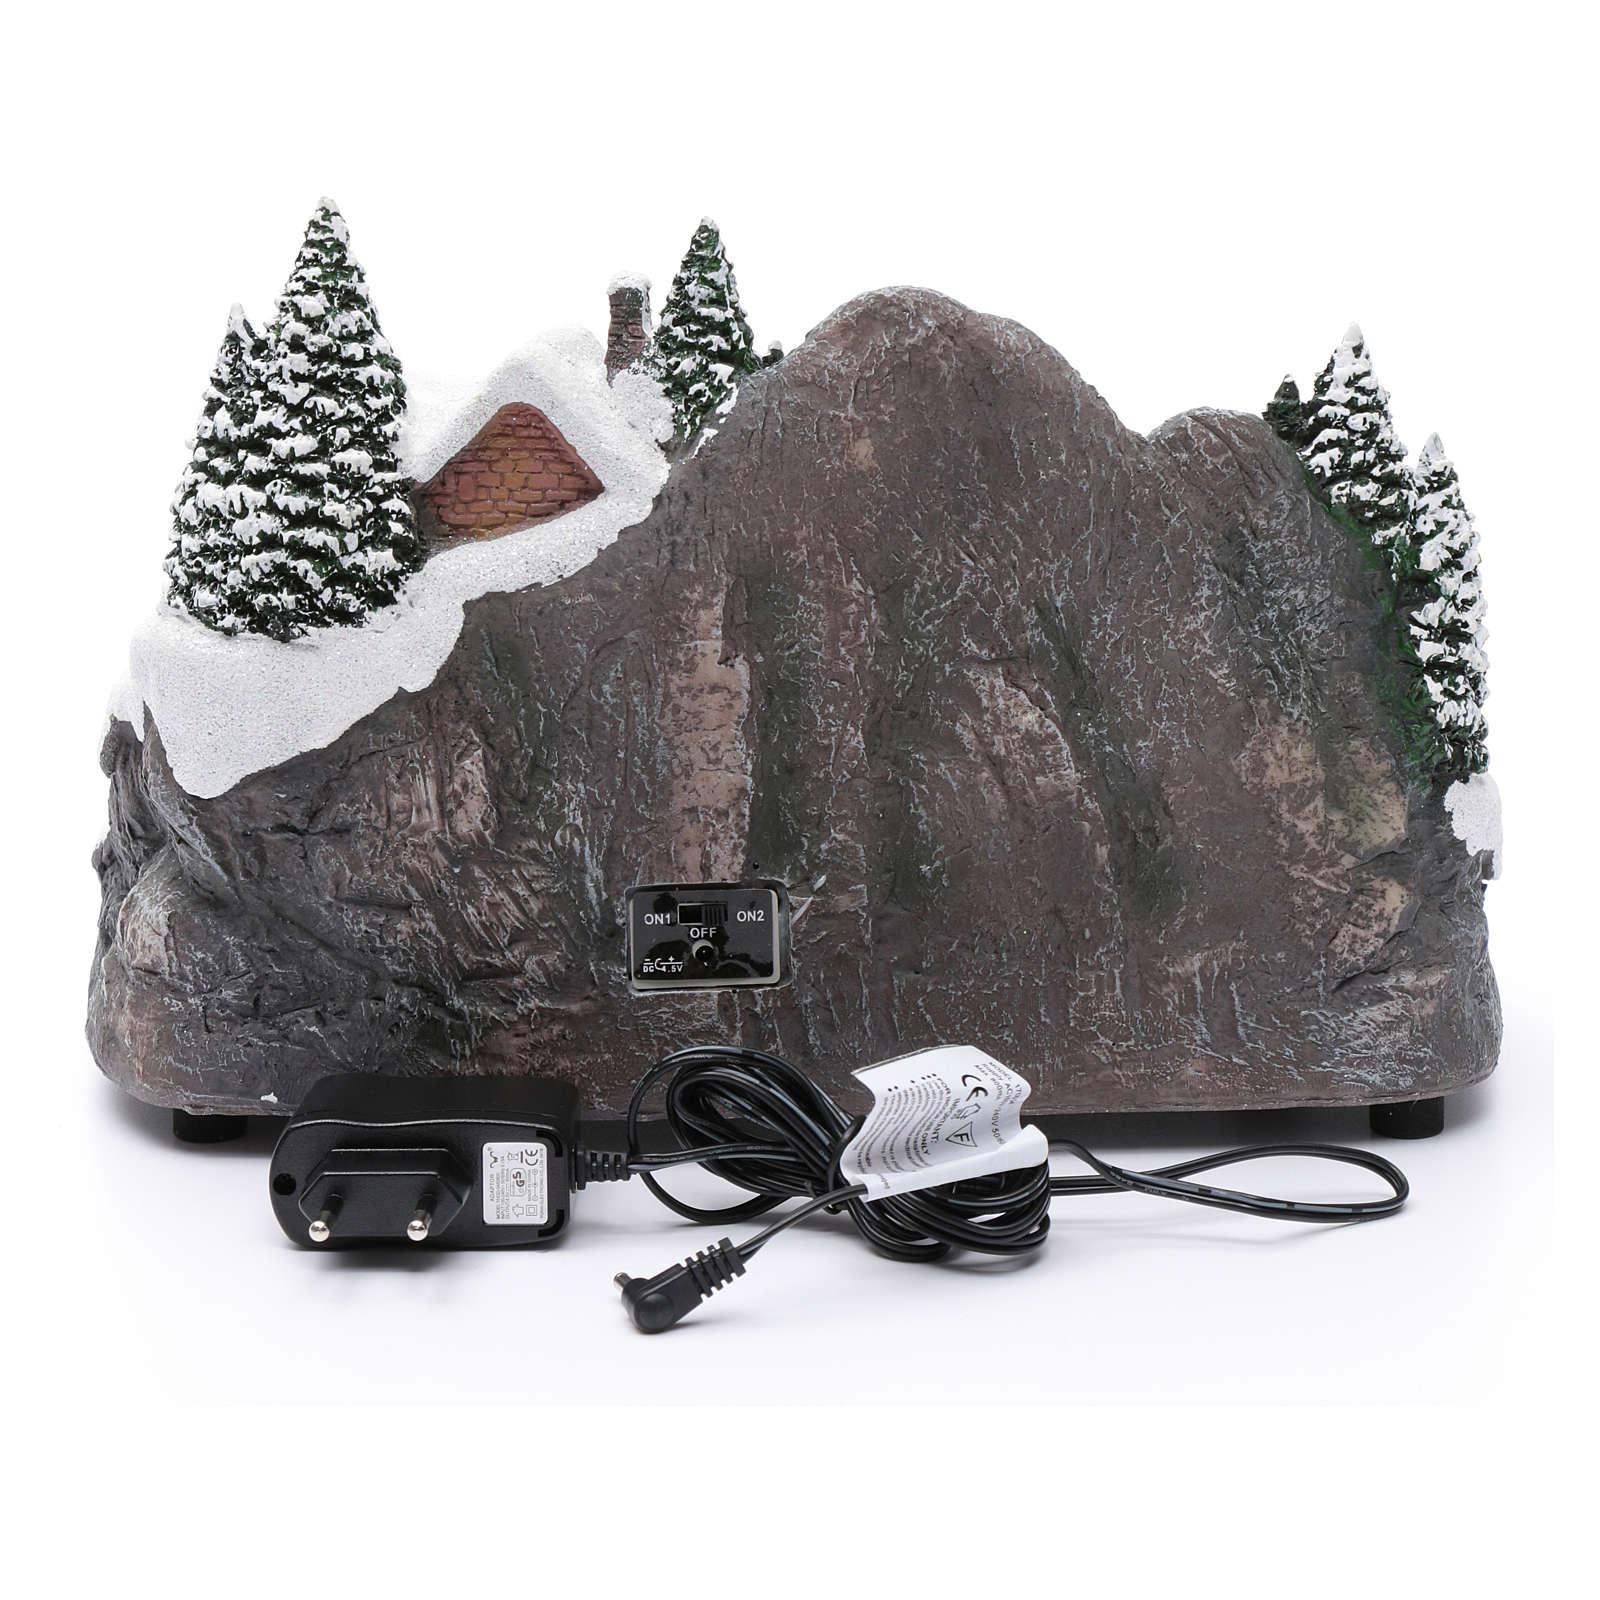 Villaggio natalizio illuminato musicale movimento albero natale 19X31X20 cm 3